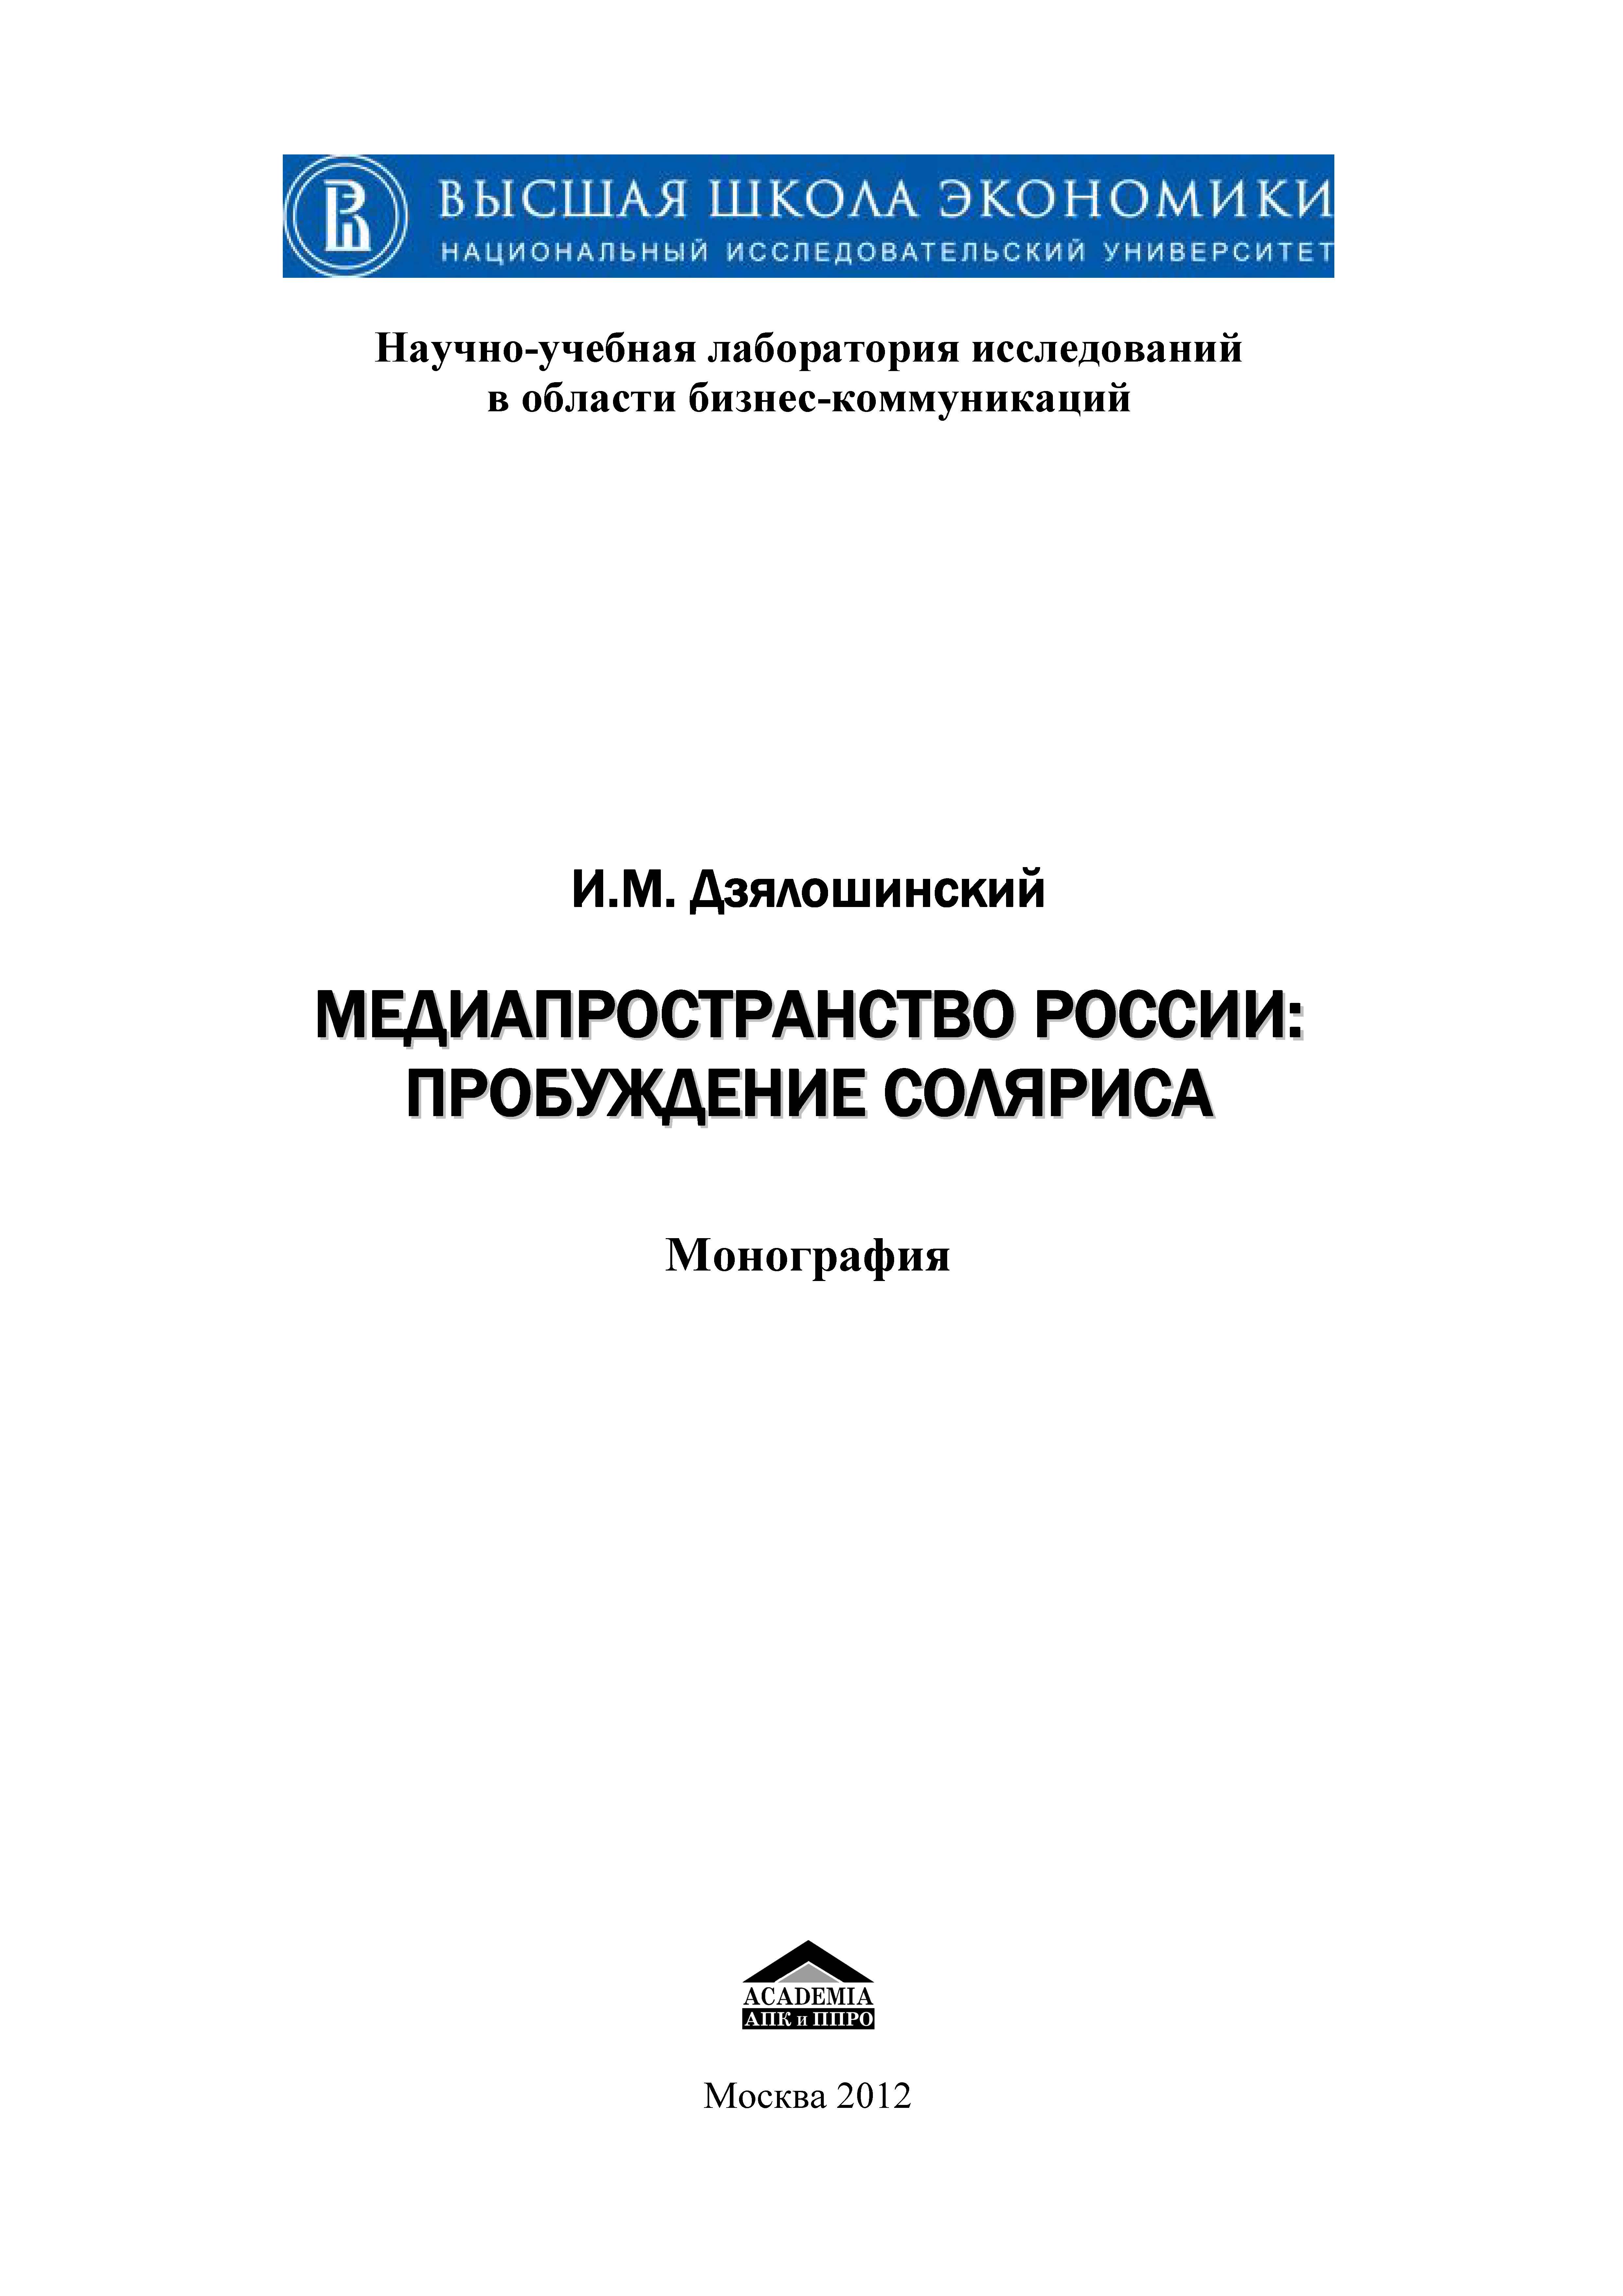 Медиапространство России: пробуждение Соляриса